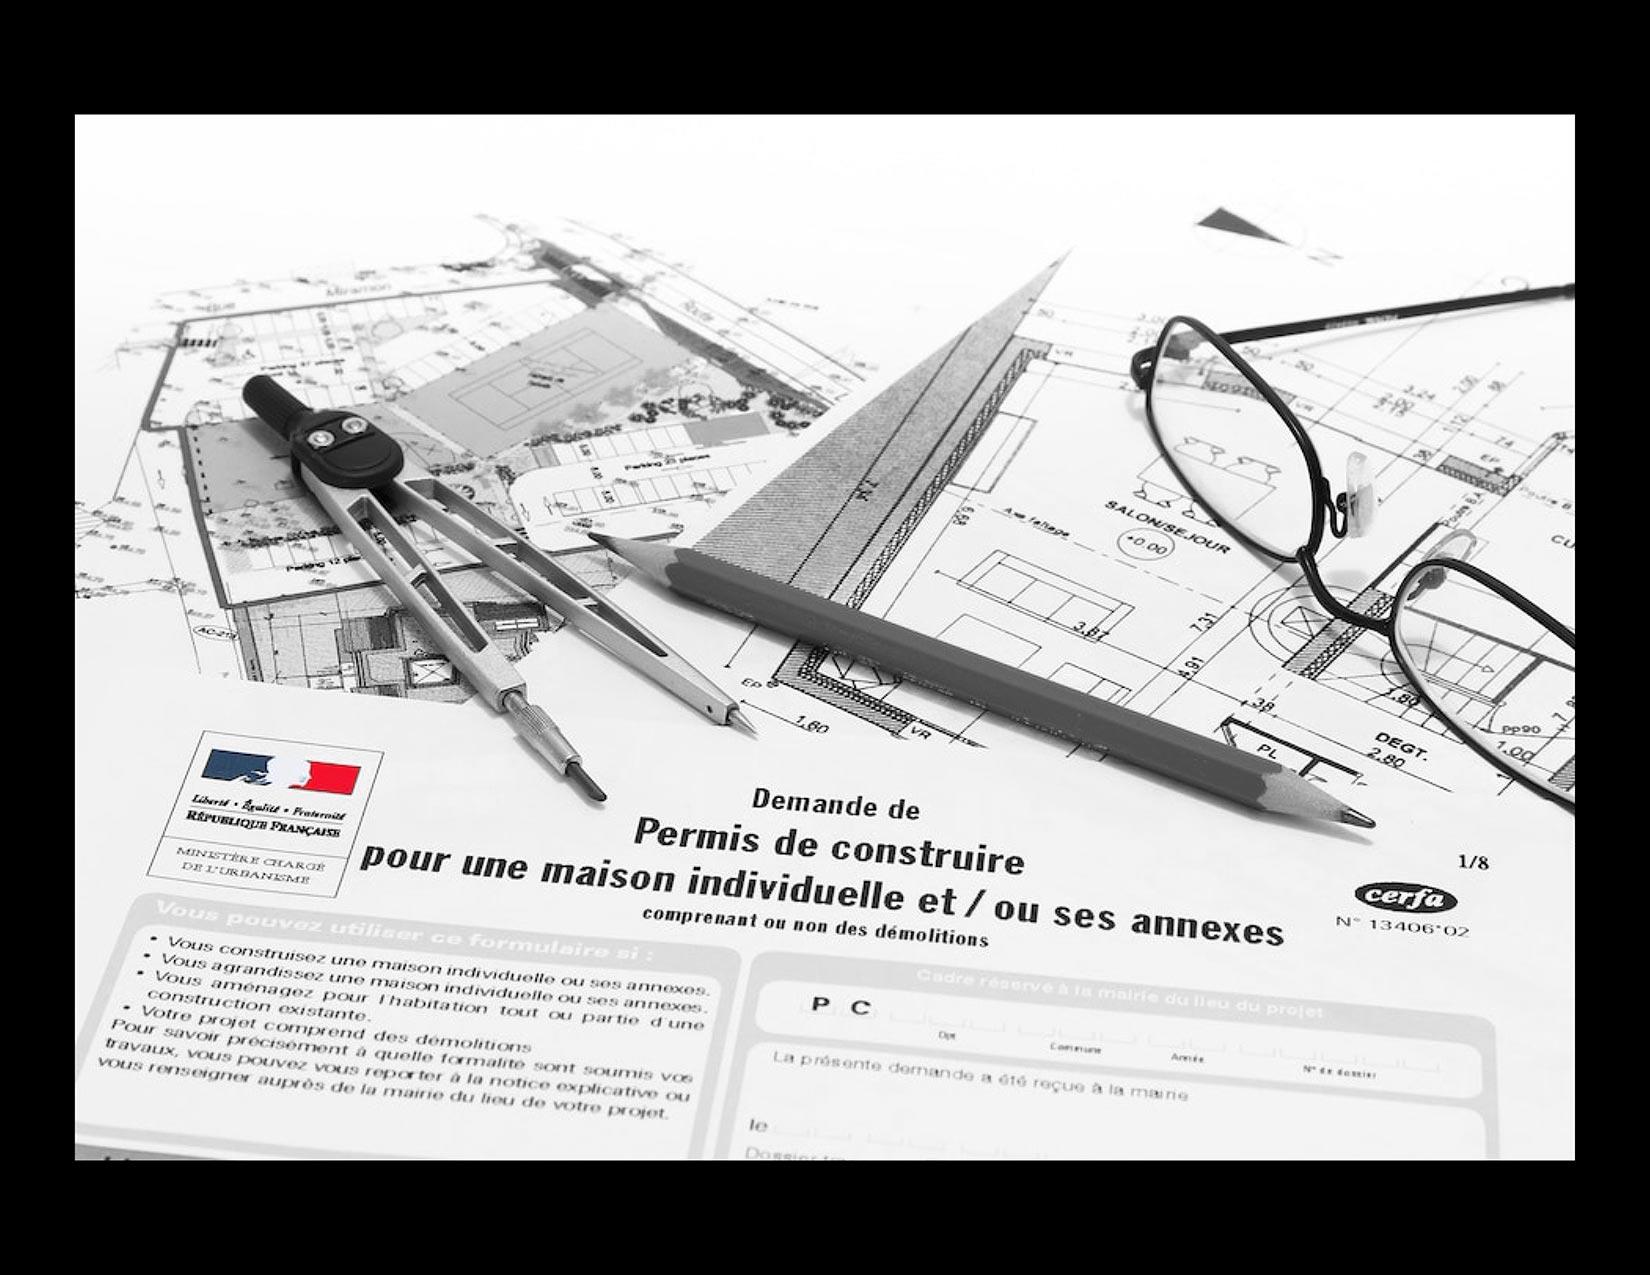 architecte-d-interieur-idalstudio-toulouse-aude-declaration-prealable-permis-de-contruire